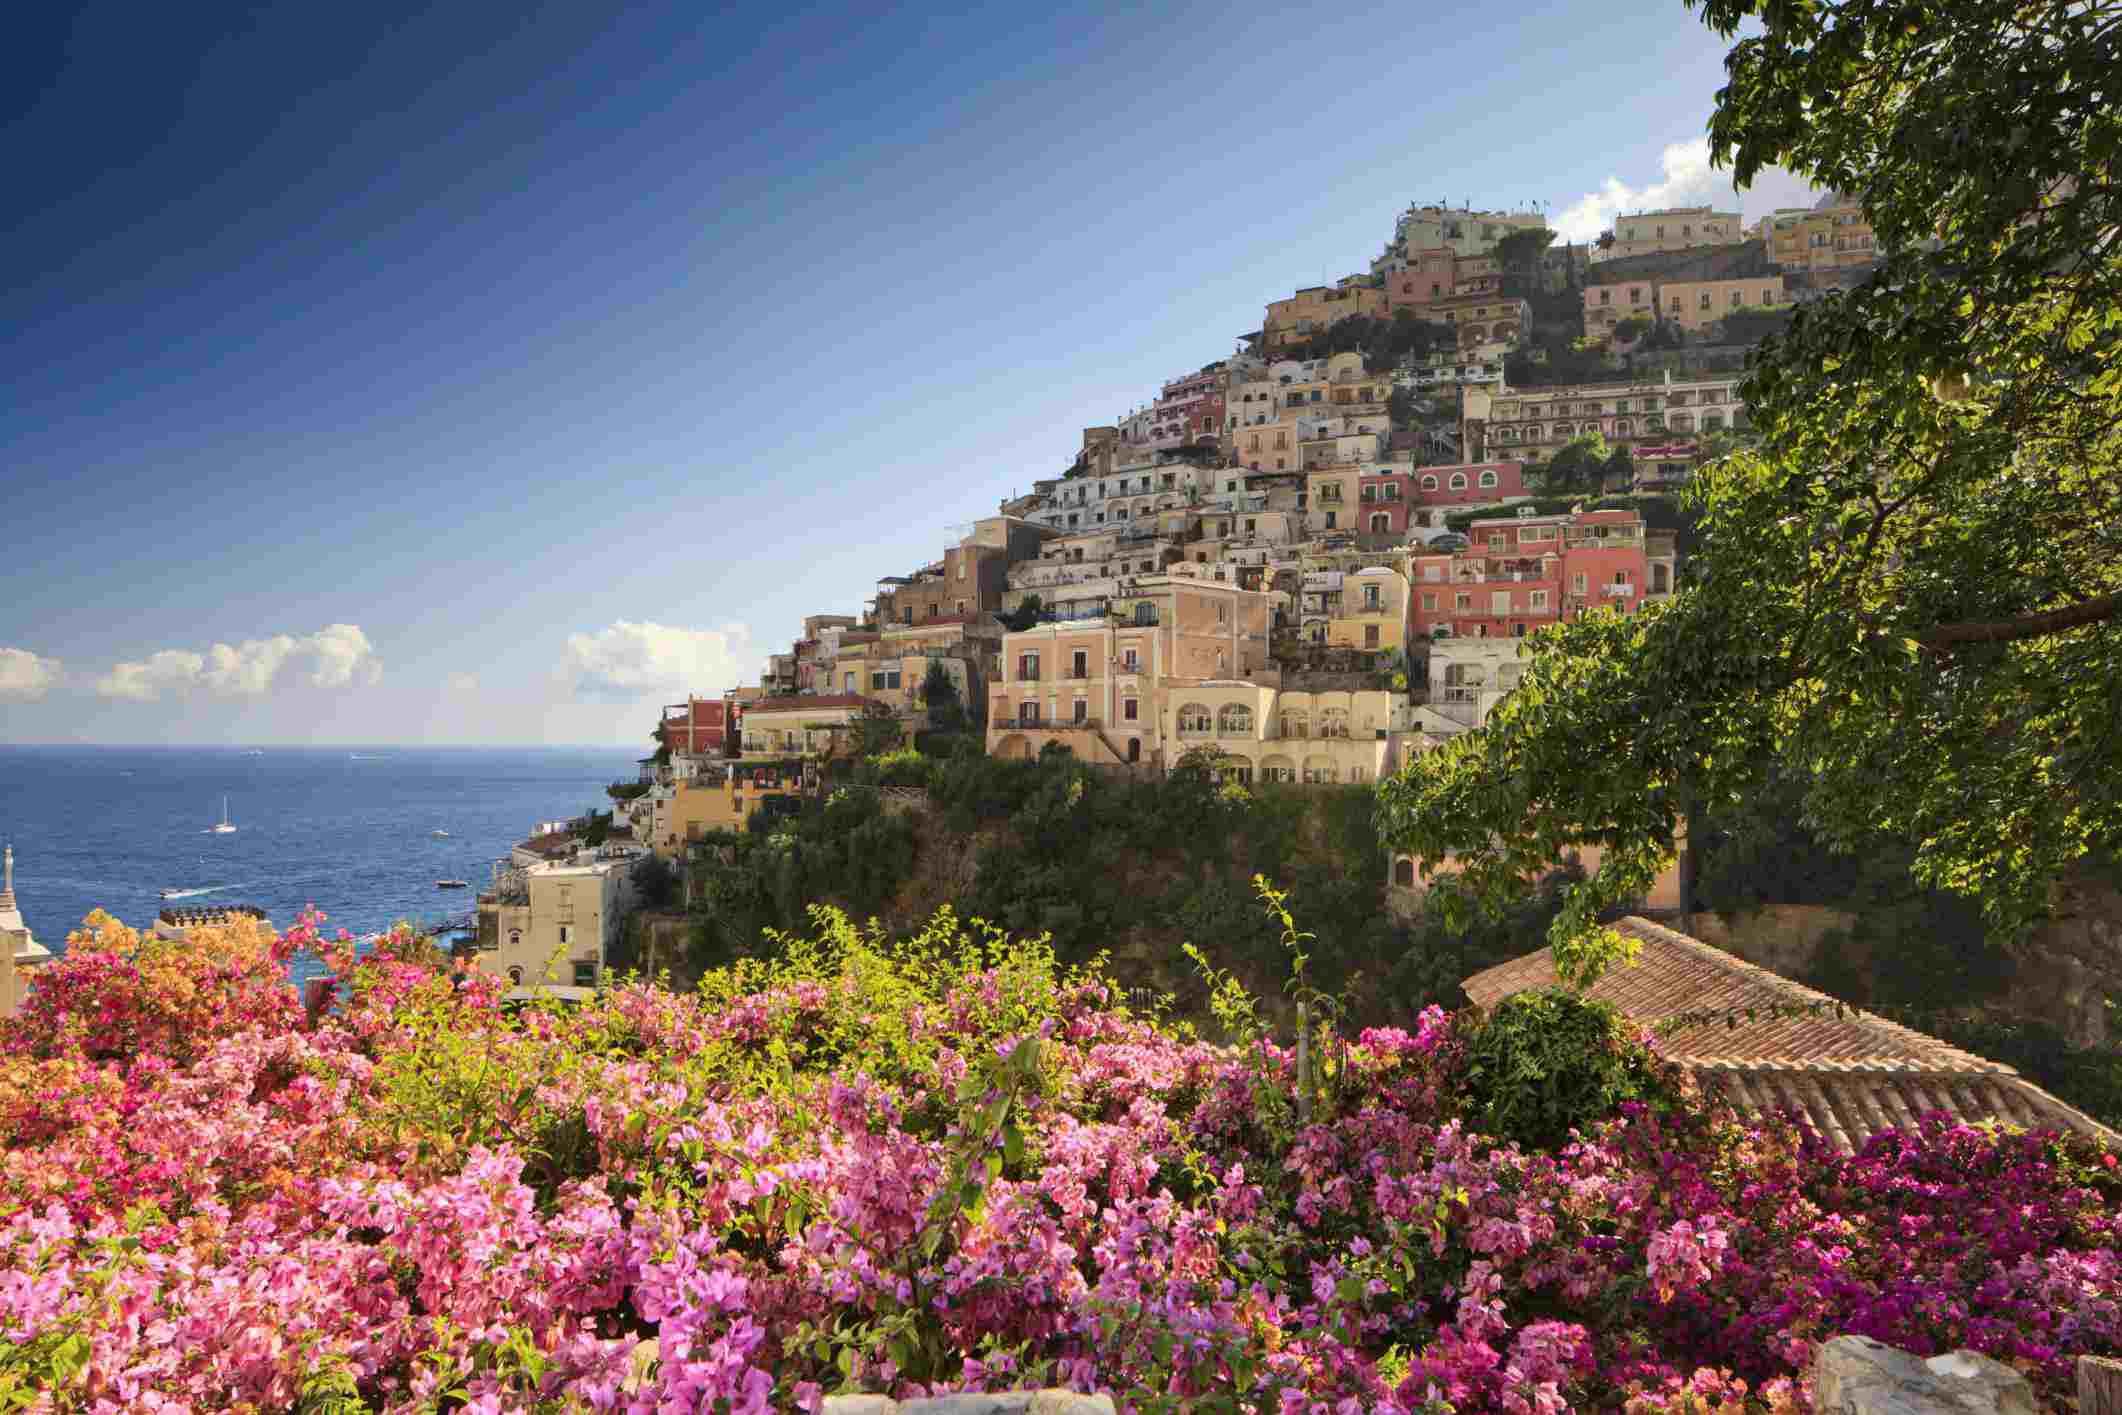 Positano, foto de Italia, flores de buganvilla, zona mediterránea, costa de Amalfi